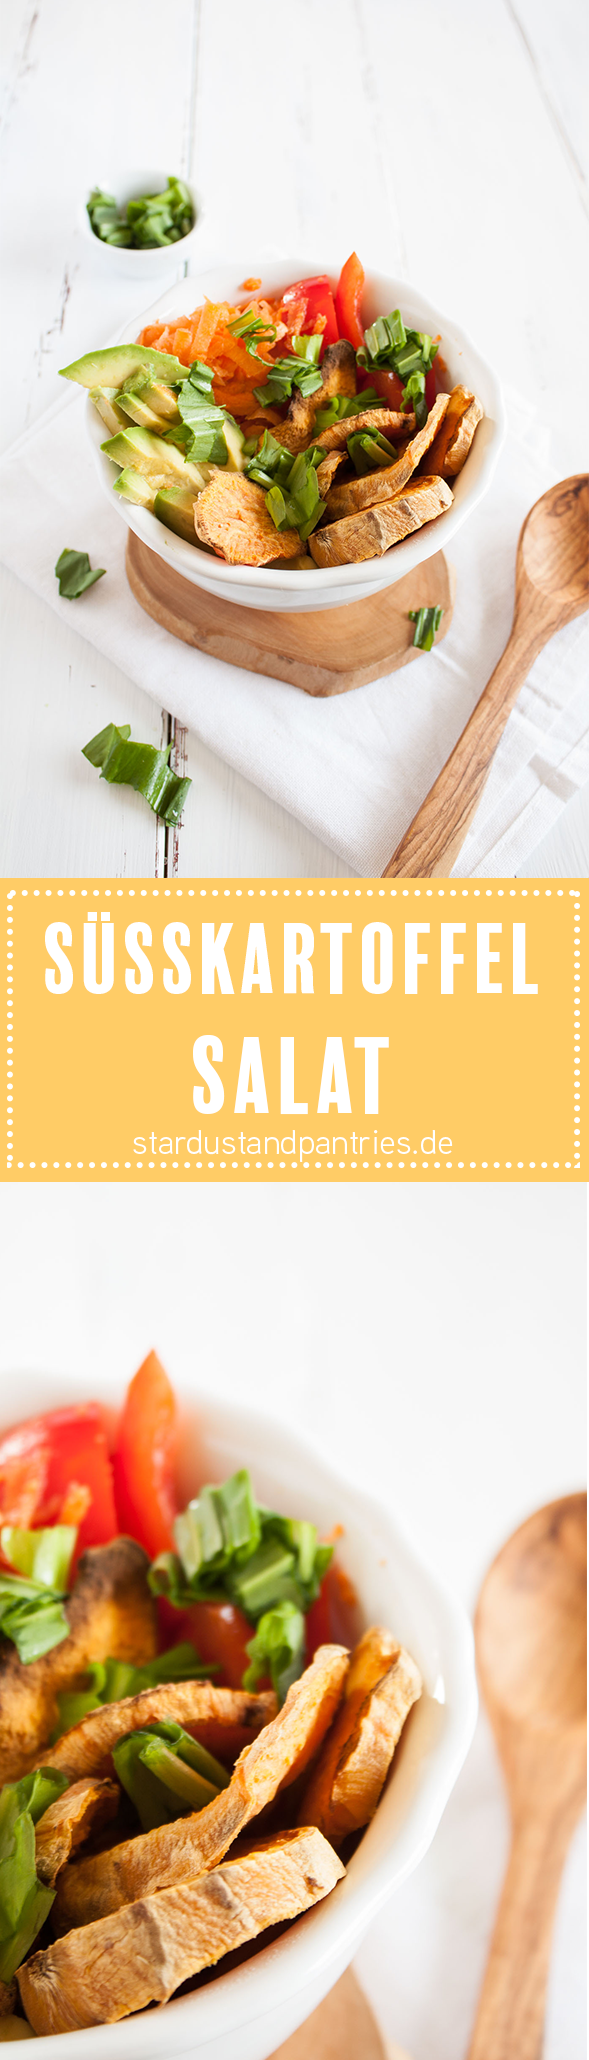 Veganer und glutenfreier Süßkartoffel-Salat. Leckeres und unkompliziertes Gericht! Perfektes leichtes Abendessen. Eine Rezeptkarte gibt es auf dem Blog zum download!